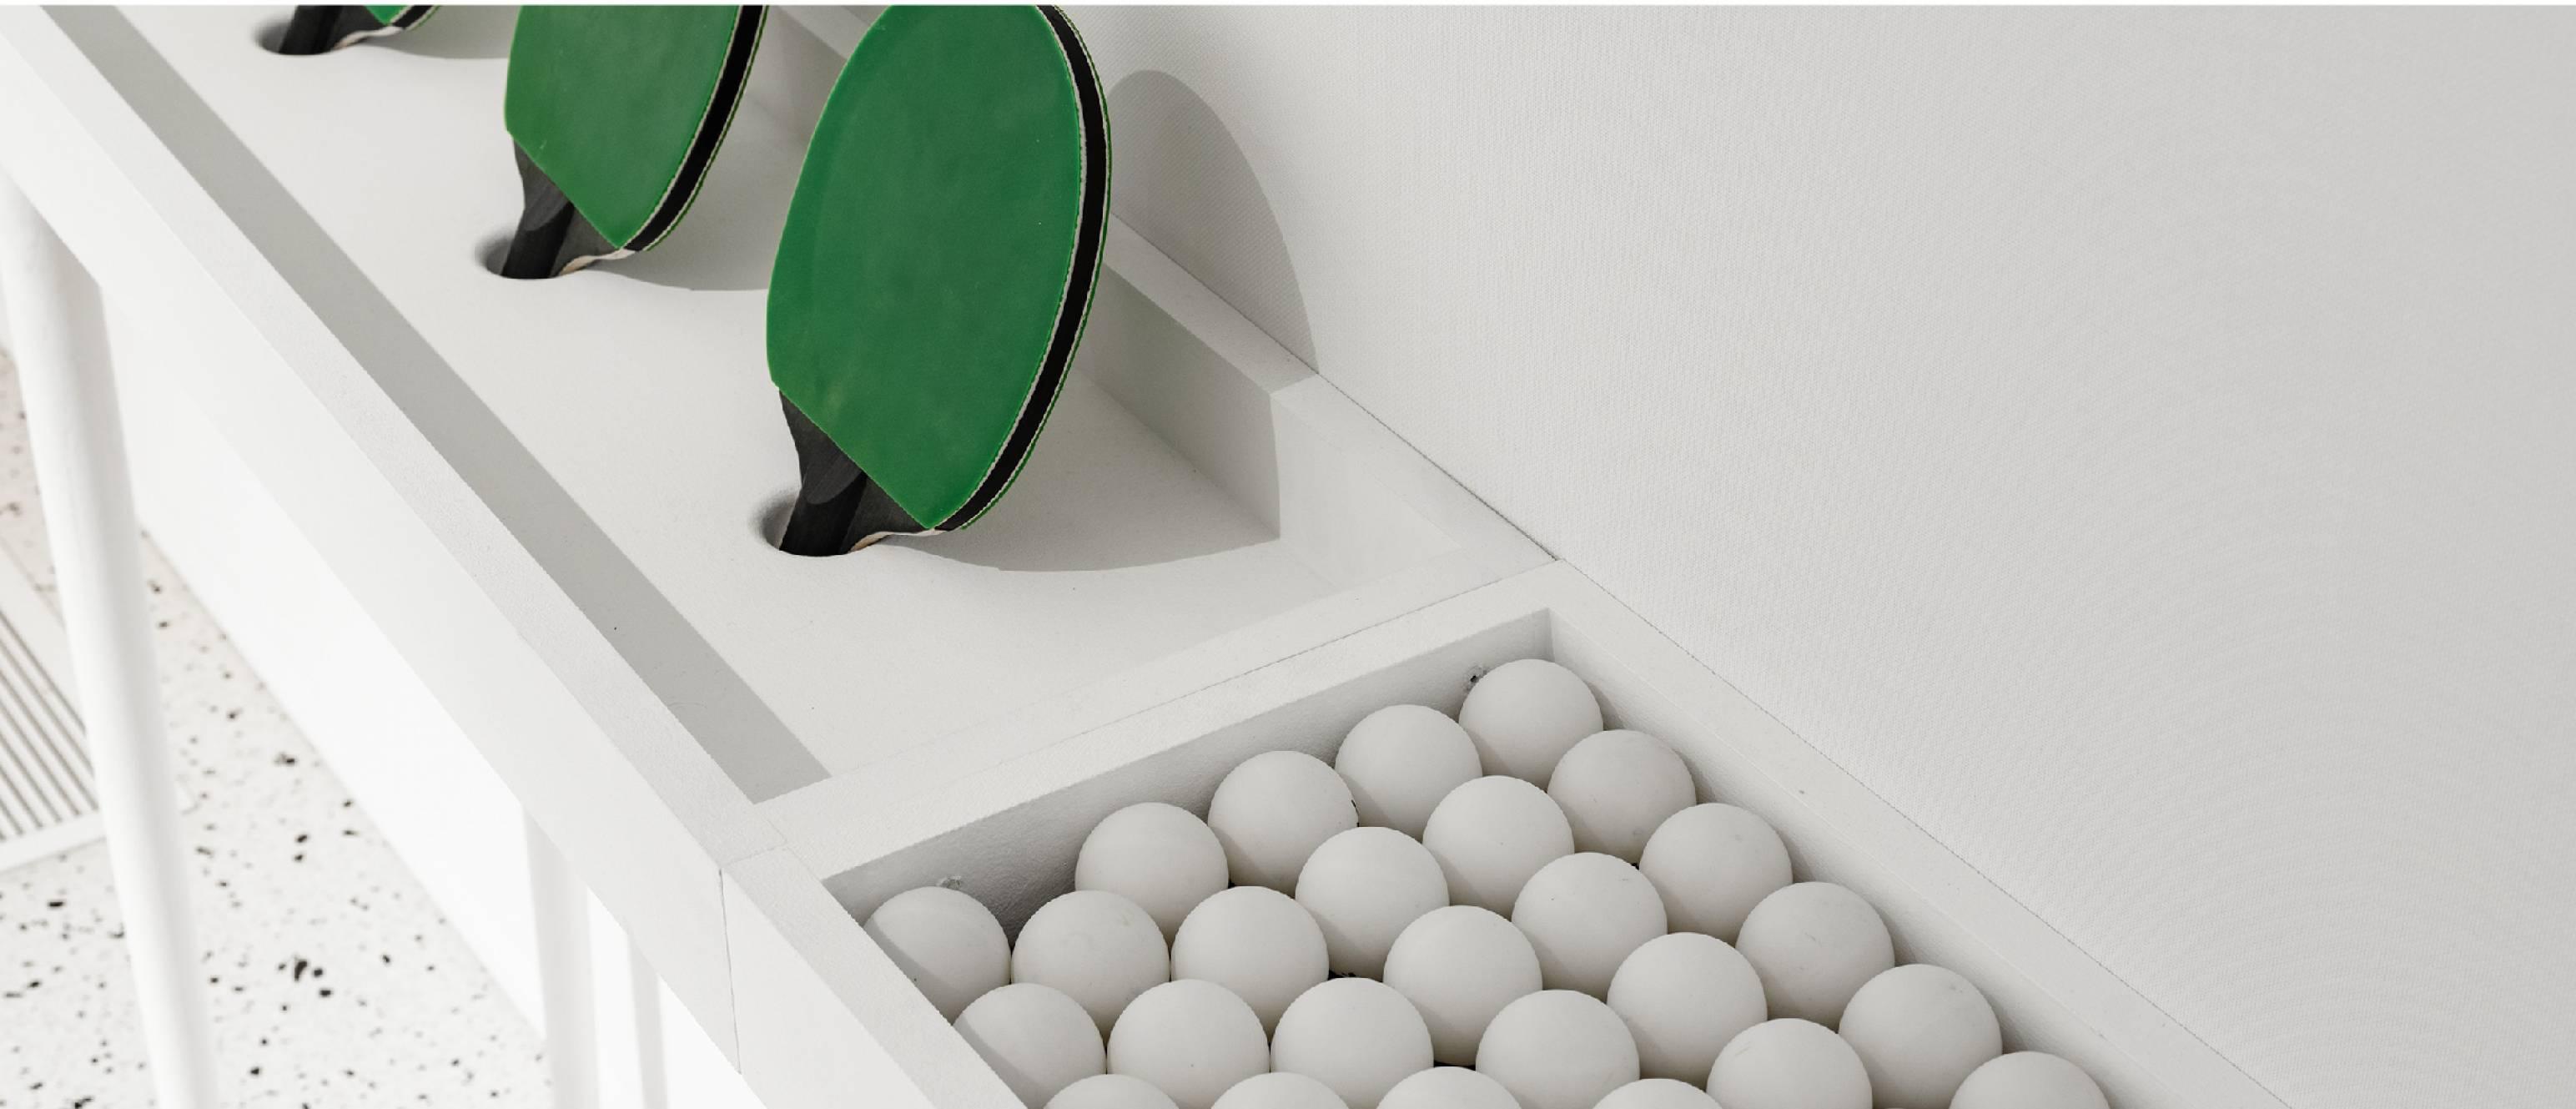 Ping pong paddles and balls